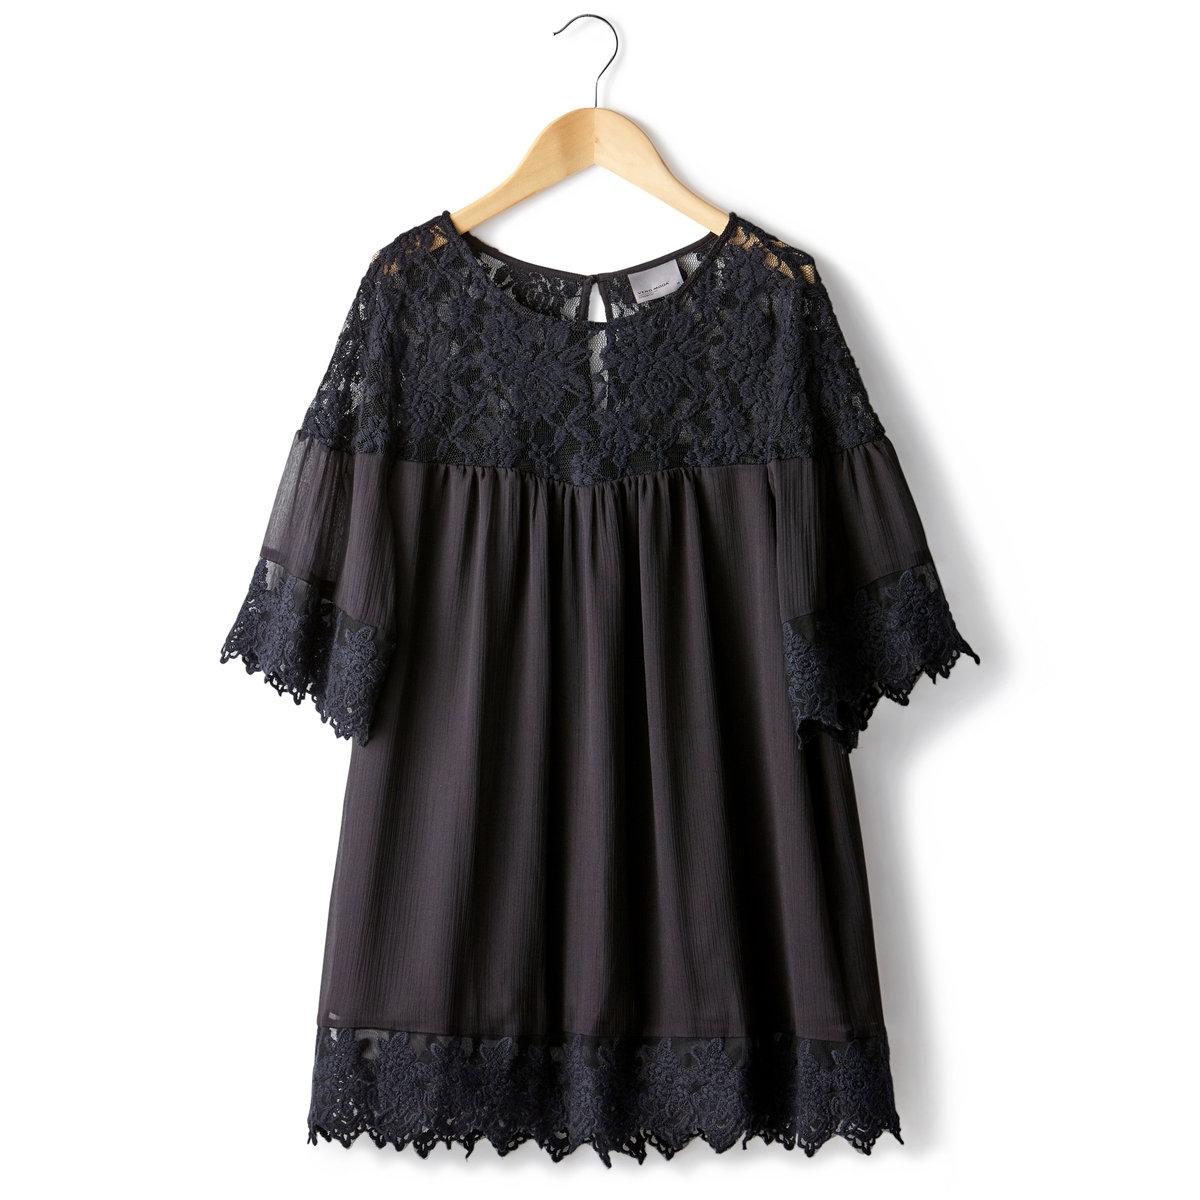 Блузка из вуали и кружеваБлузка VERO MODA из вуали на подкладке, 100% полиэстера. Короткие рукава. Кружевные вставки по вырезу и рукавам, а также по низу блузки. Длина 72 см.<br><br>Цвет: черный<br>Размер: XS